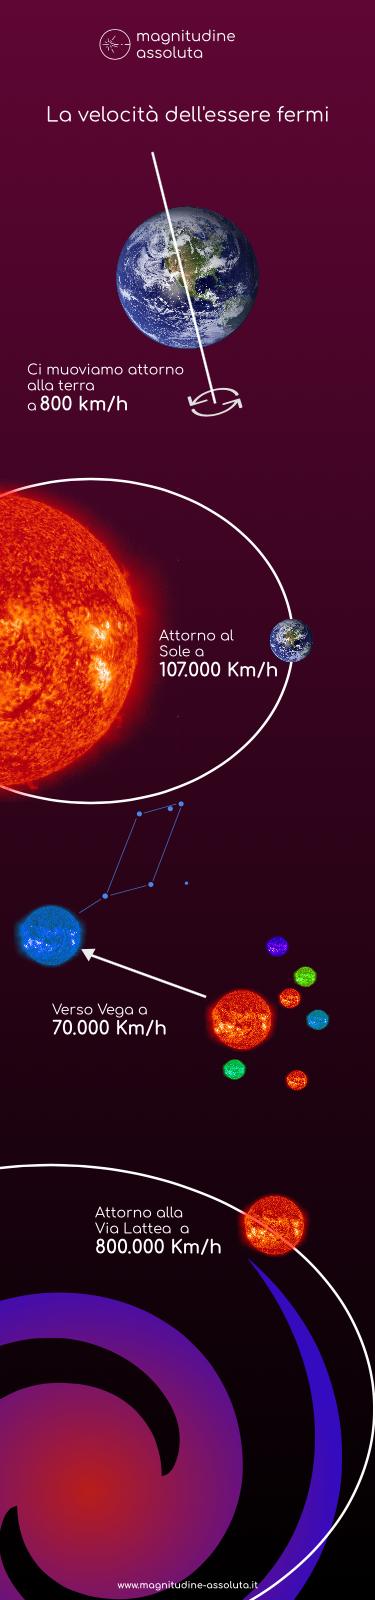 Illustrazione realizzata da magnitudine-assoluta.it che mostra la Velocità della Terra attraverso il sistema solare e la Via Lattea